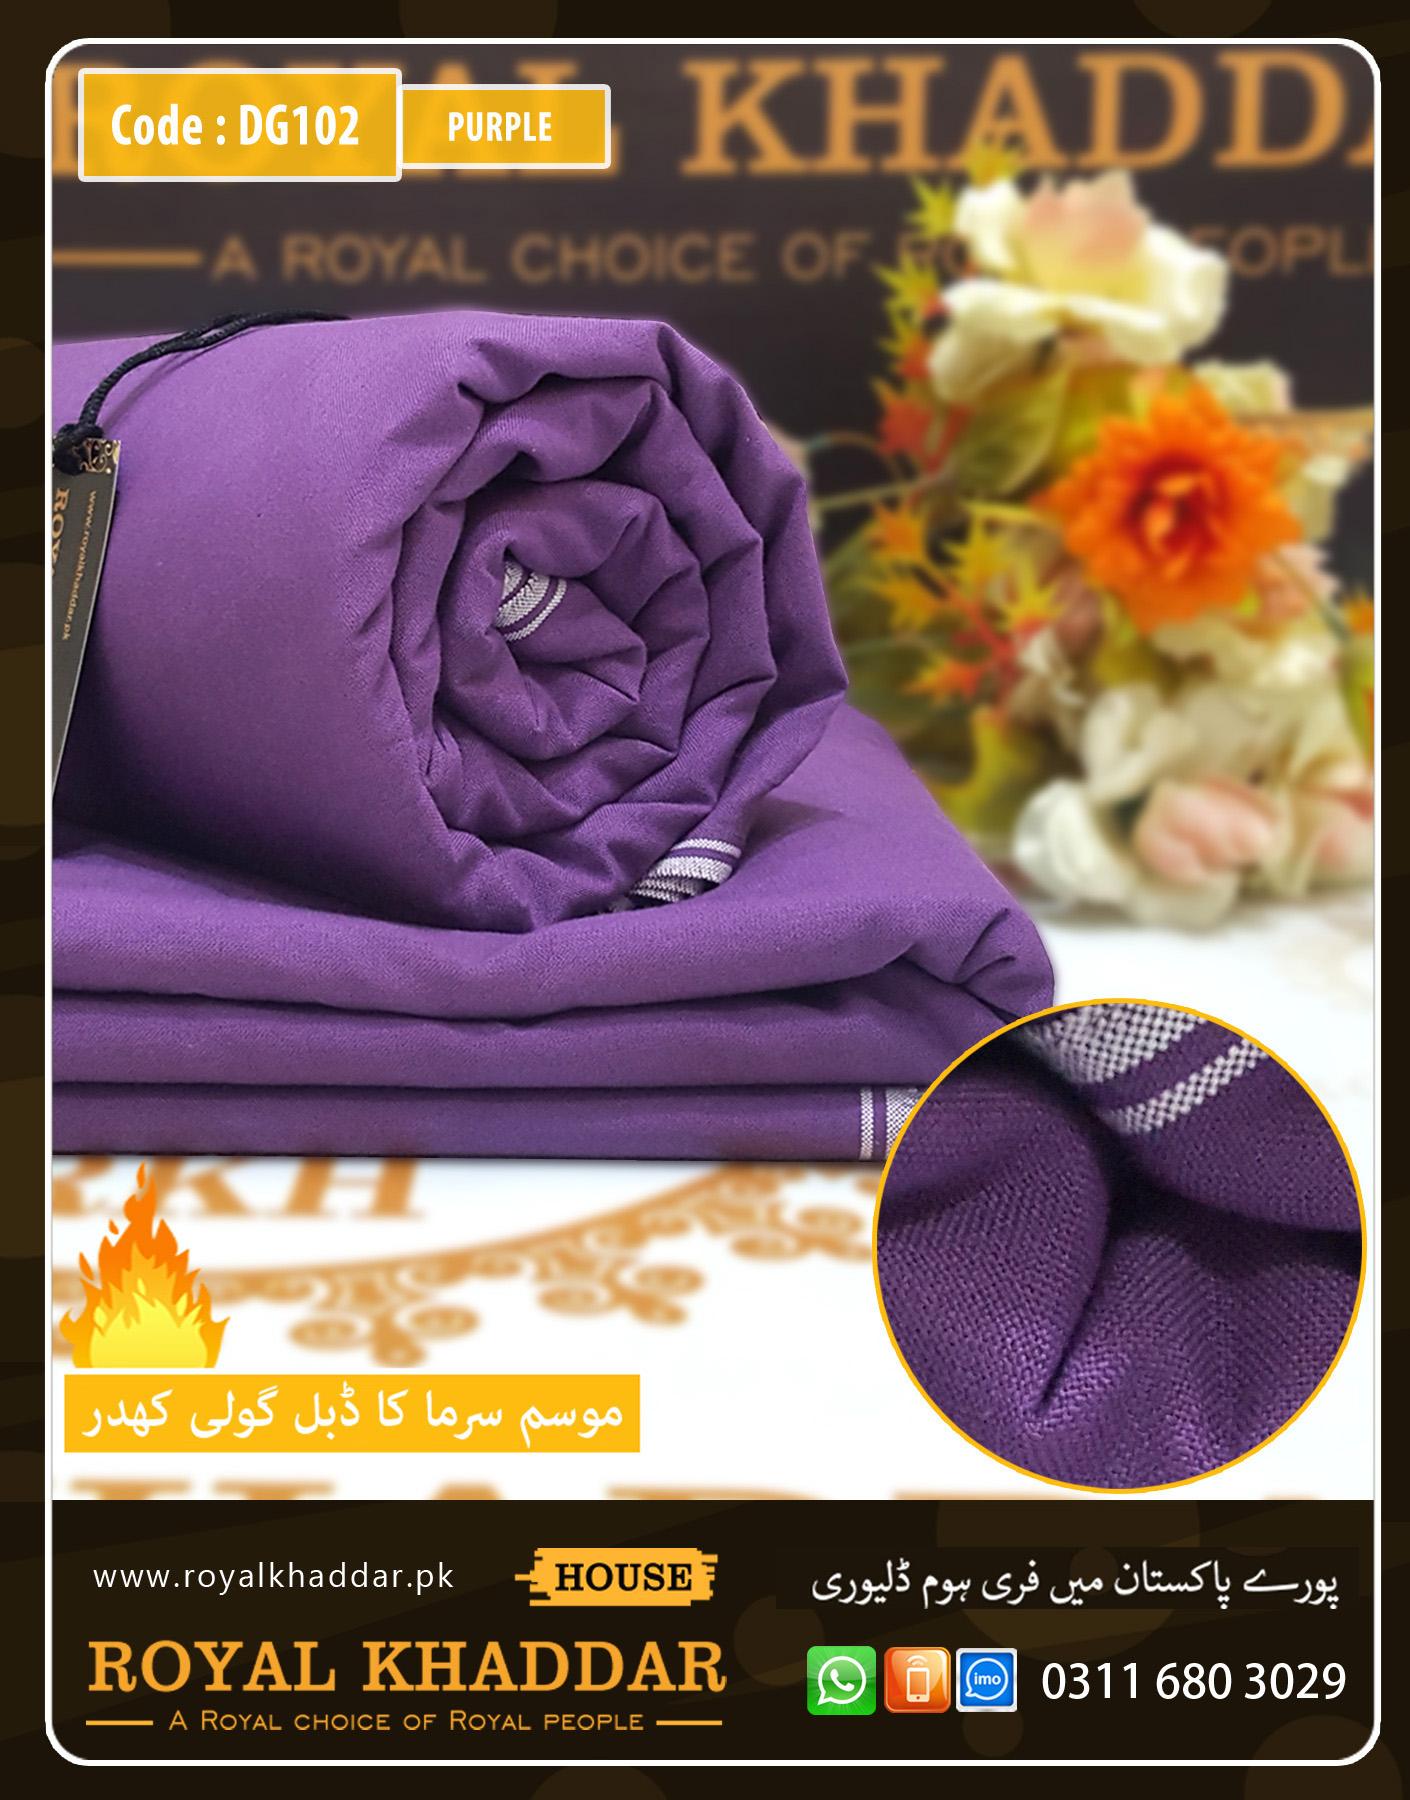 DG102 Purple Double Goli Winter Khaddar